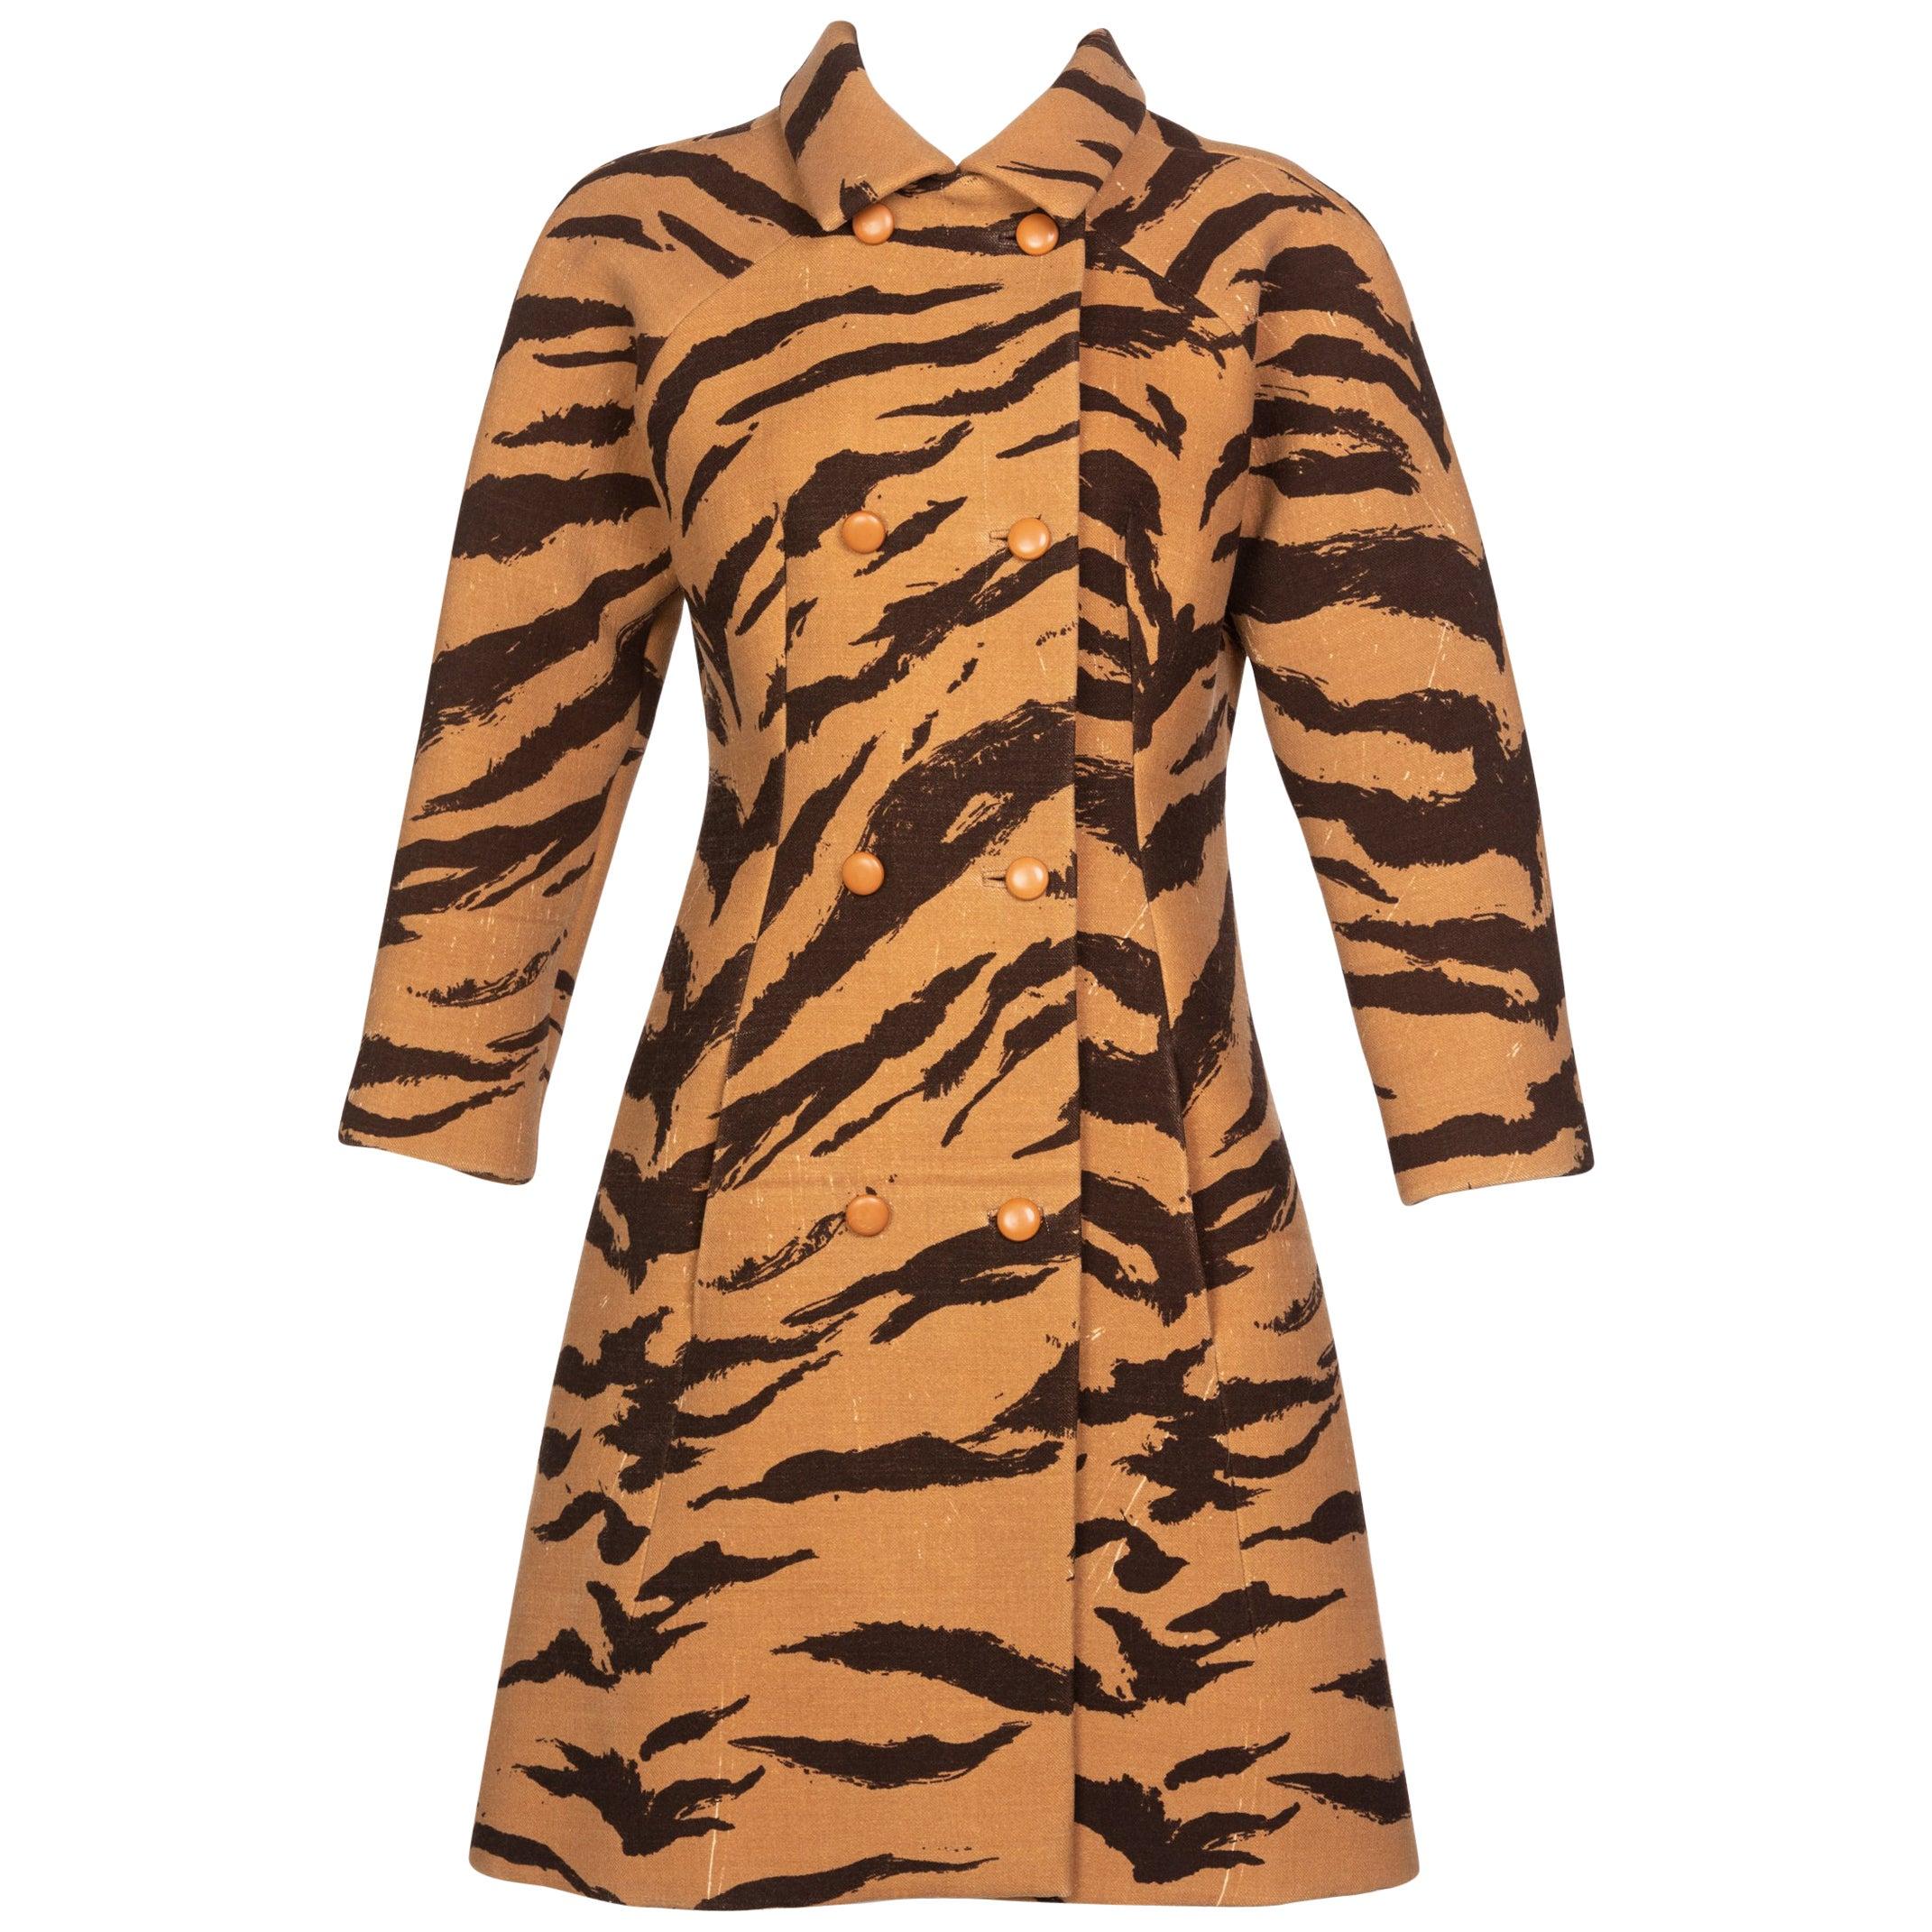 Hubert de Givenchy Haute Couture Coat Tiger Print Coat , 1969